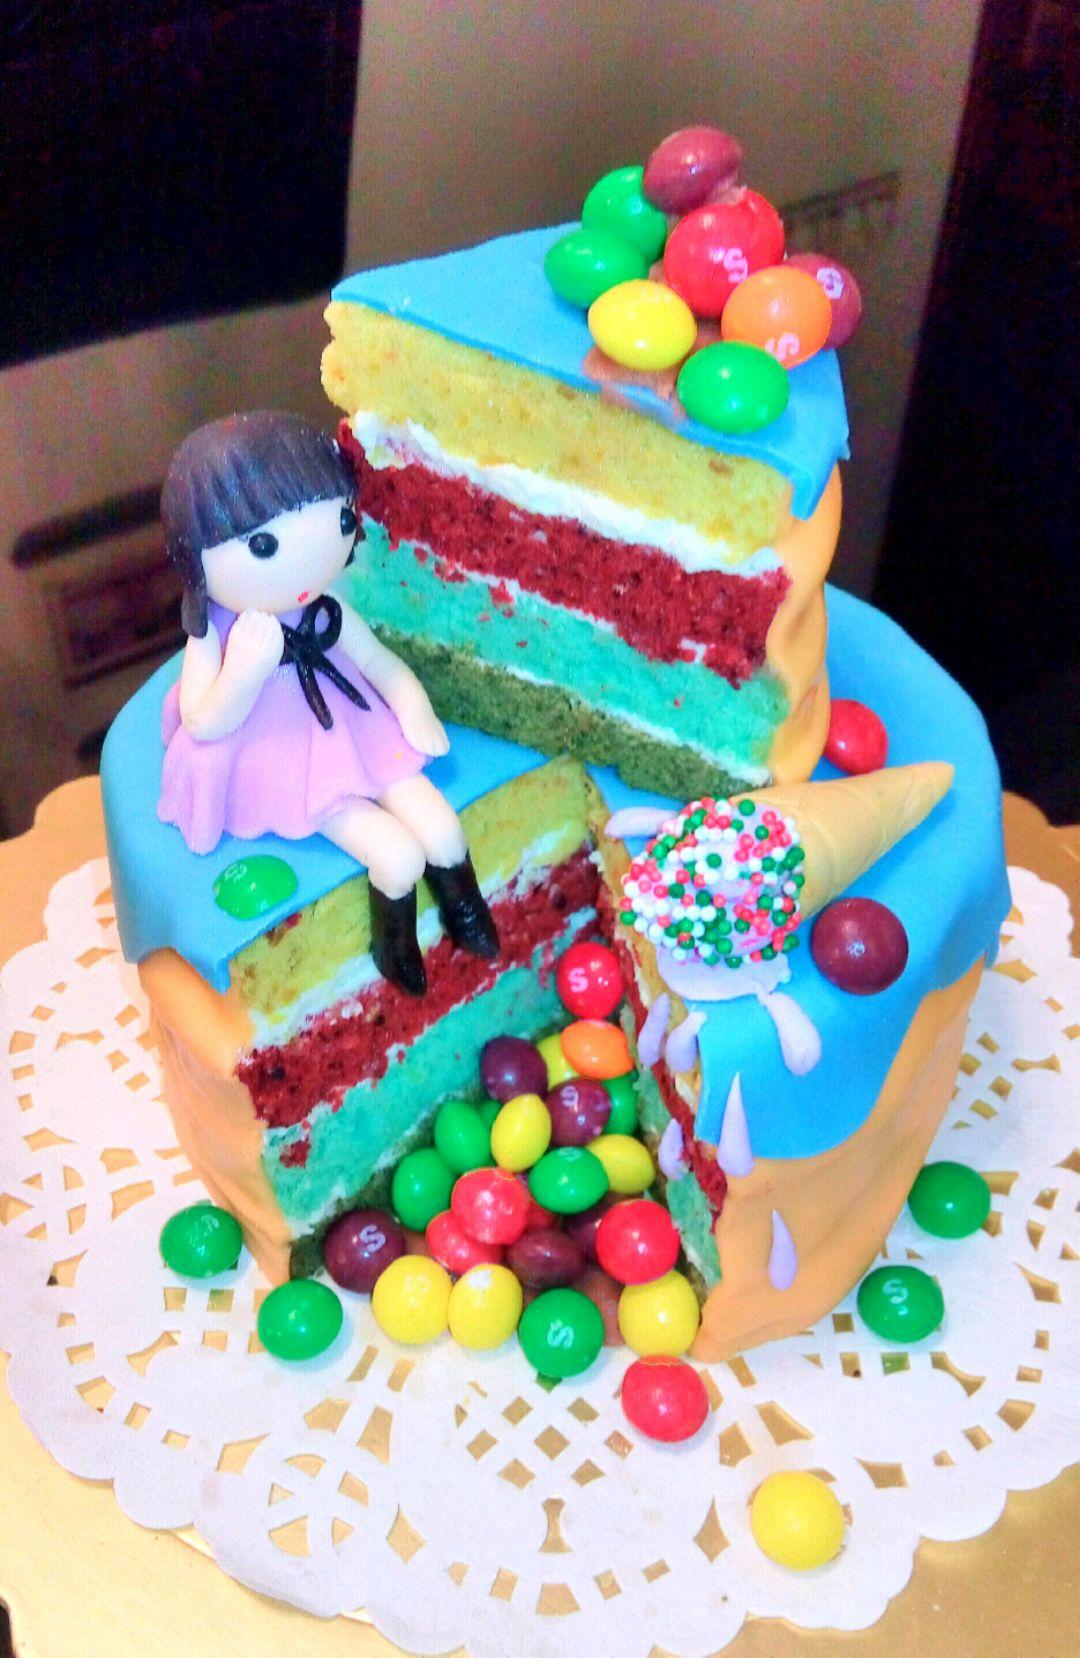 缤纷彩虹蛋糕#夏日时光图片